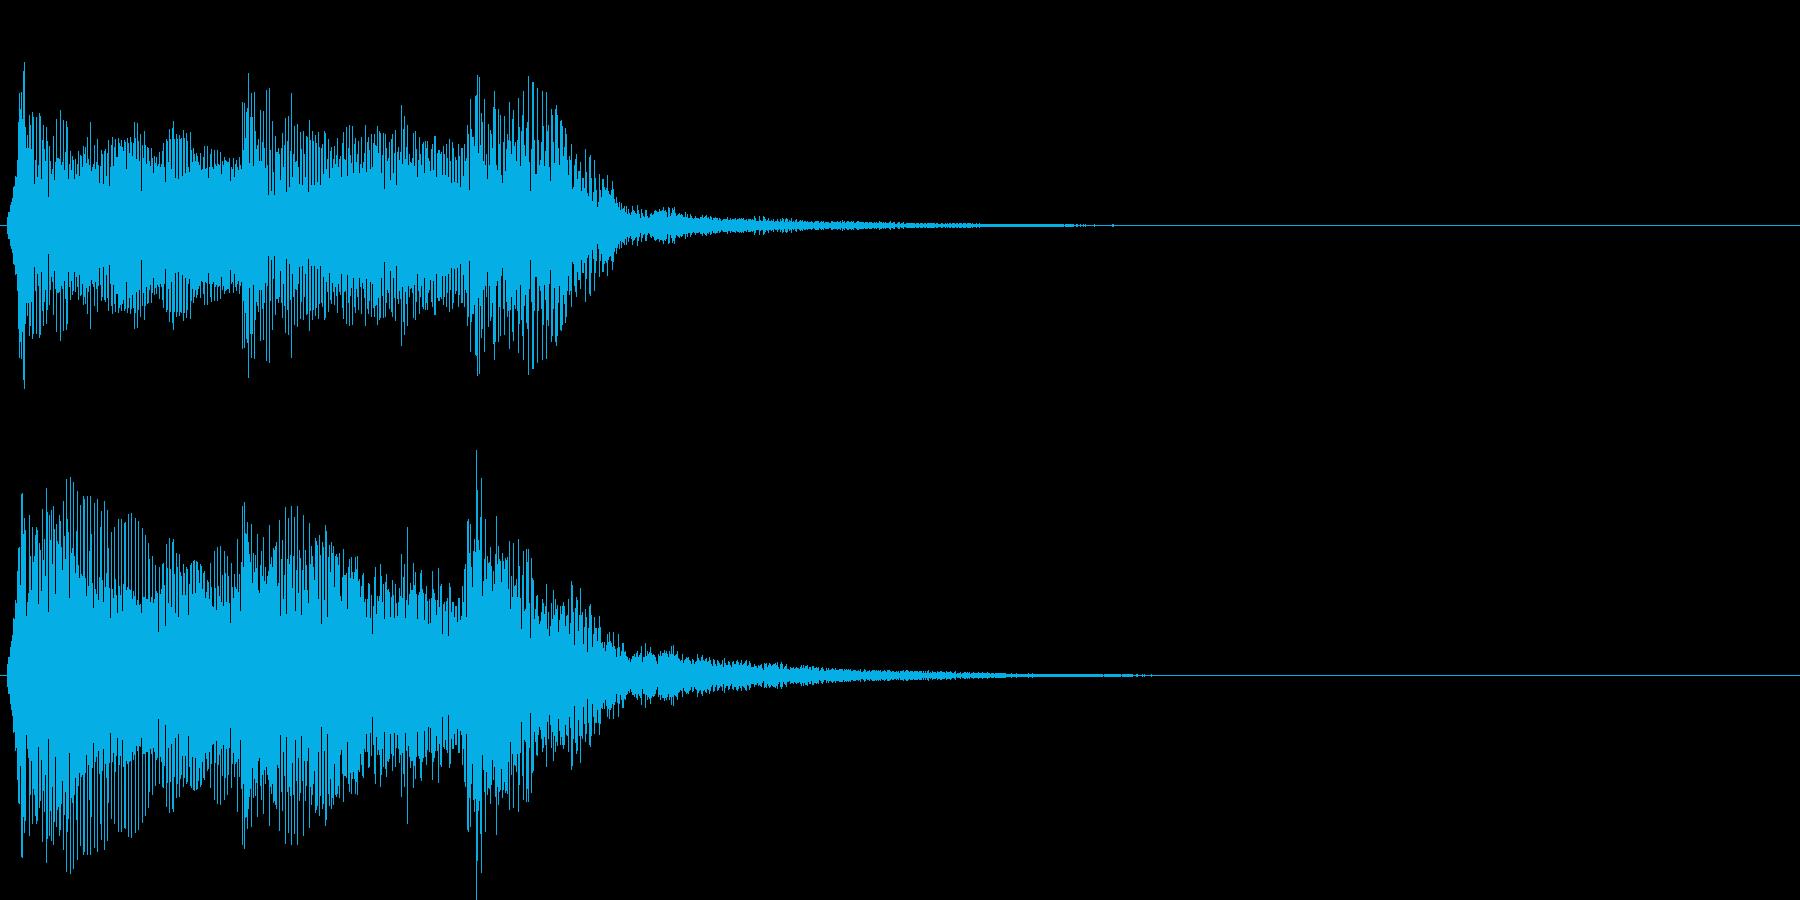 アイドルをイメージしたジングル 2小節Bの再生済みの波形